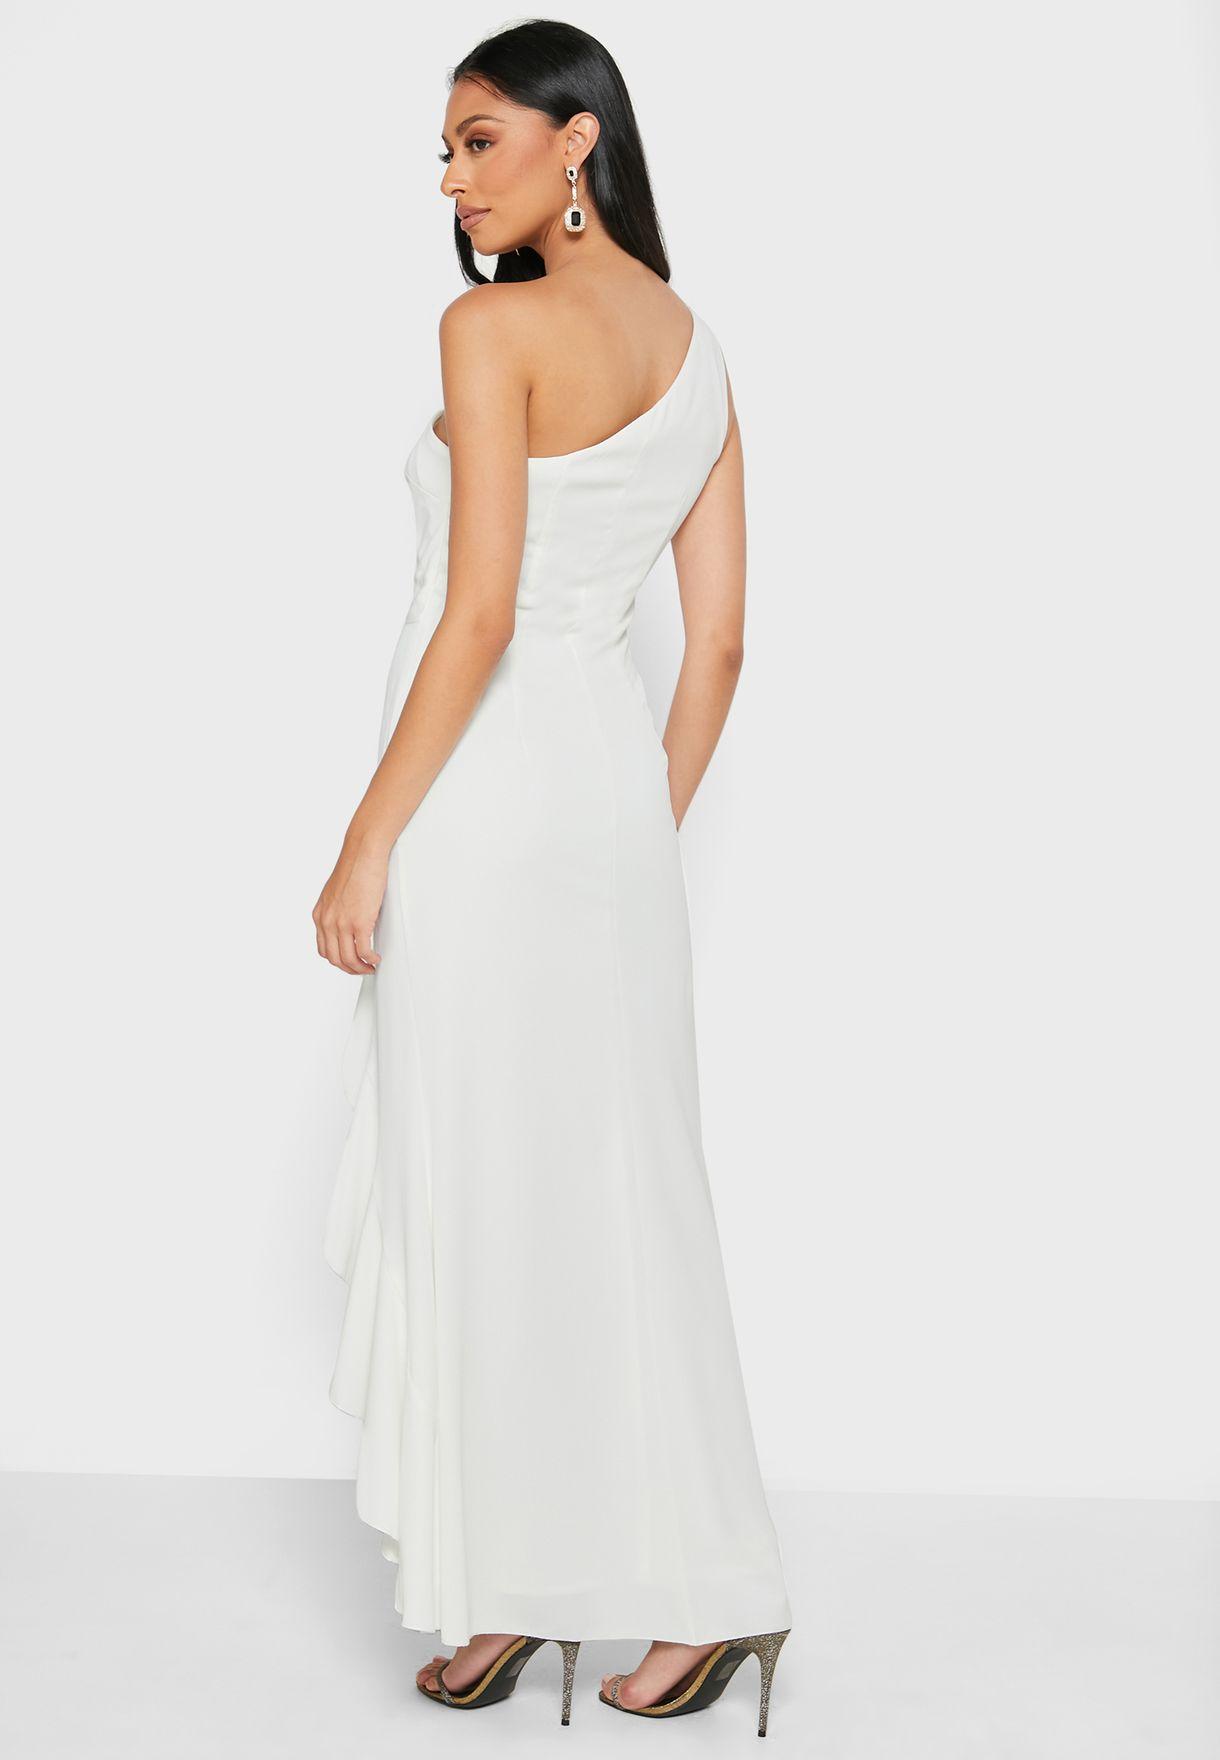 فستان بكتف واحد واطراف مكشكشة